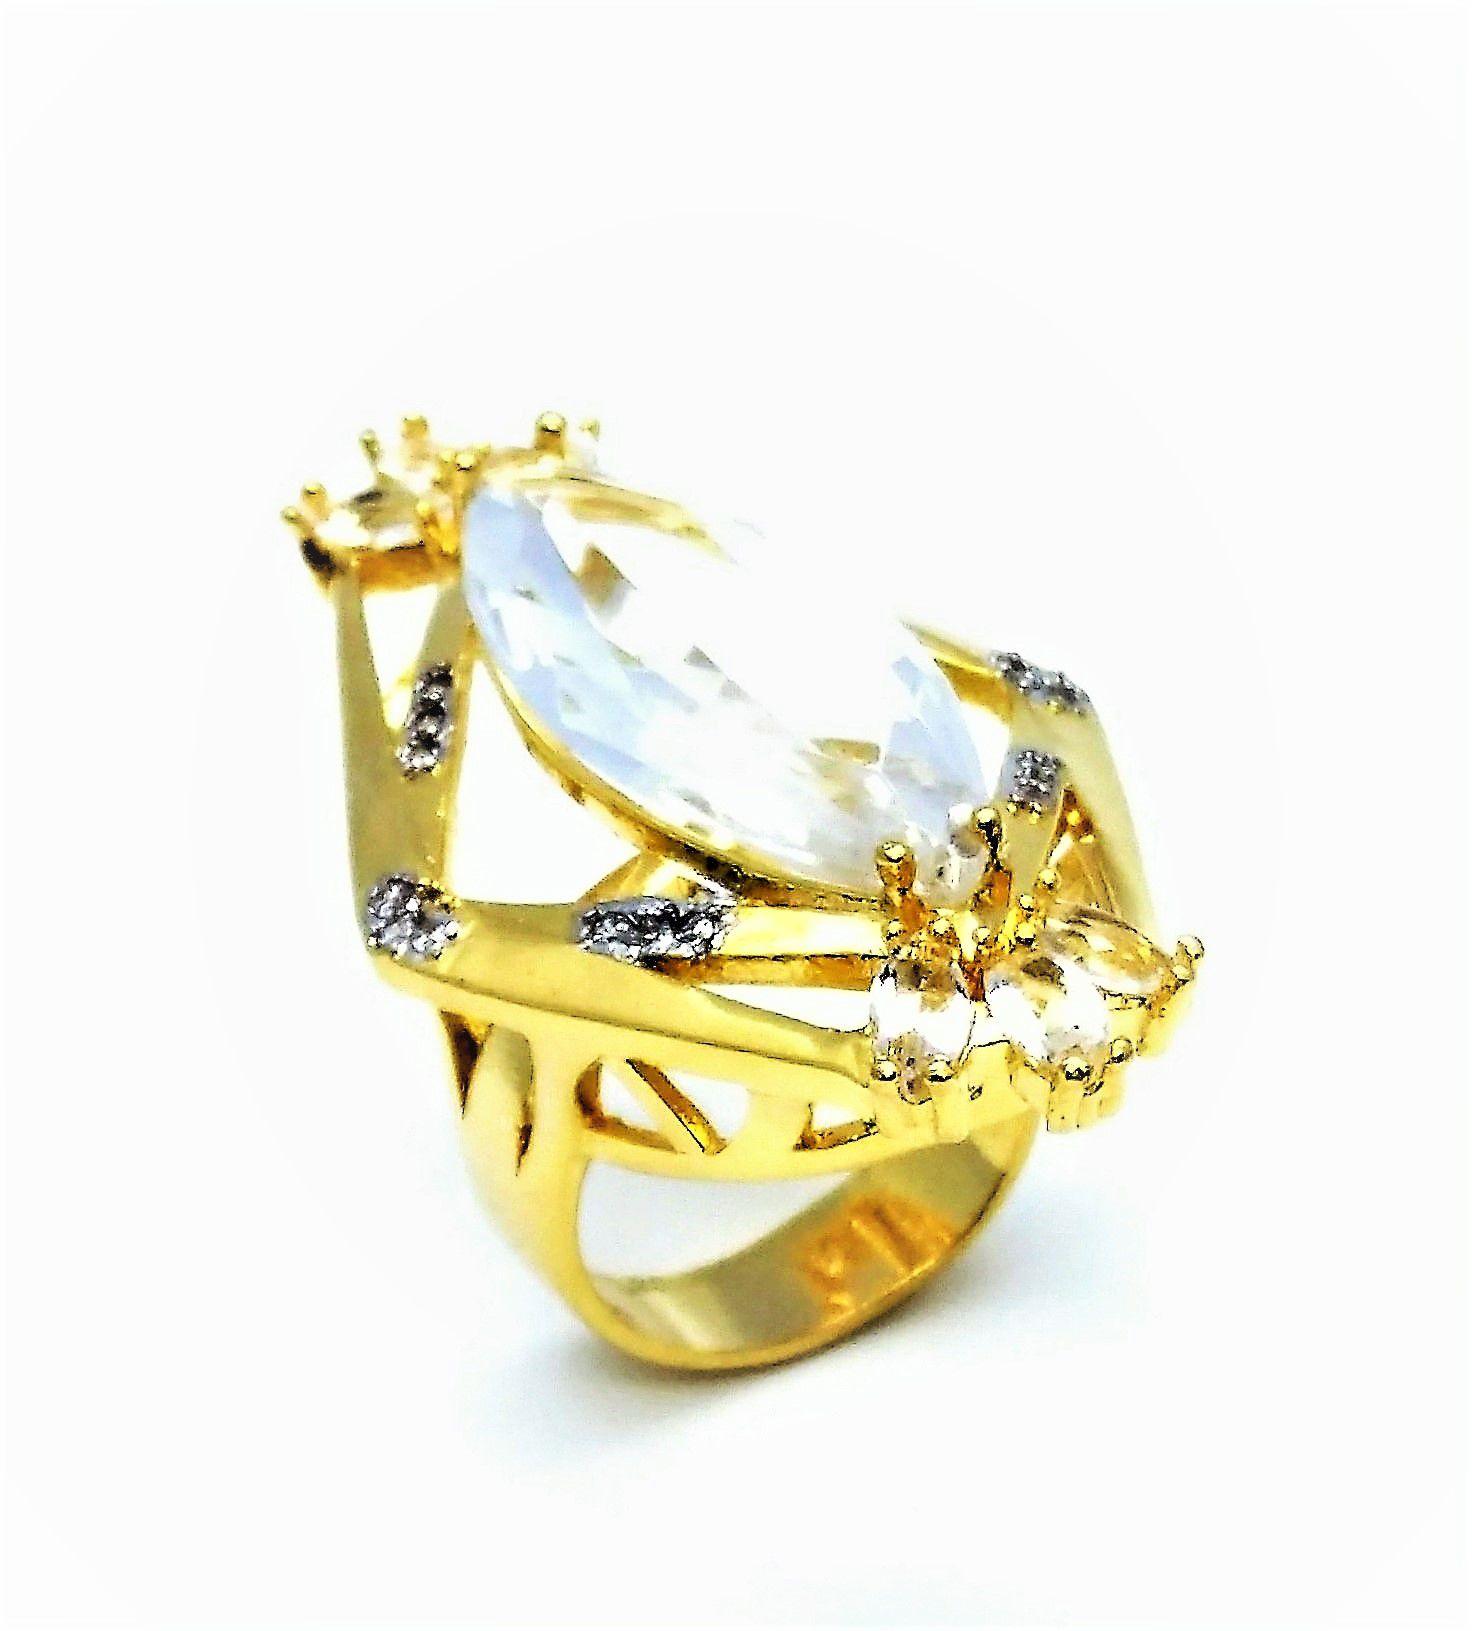 Conjunto Anel e Brincos Cristal De Rocha Cravejados Banho De Ouro 18k 3379 3380